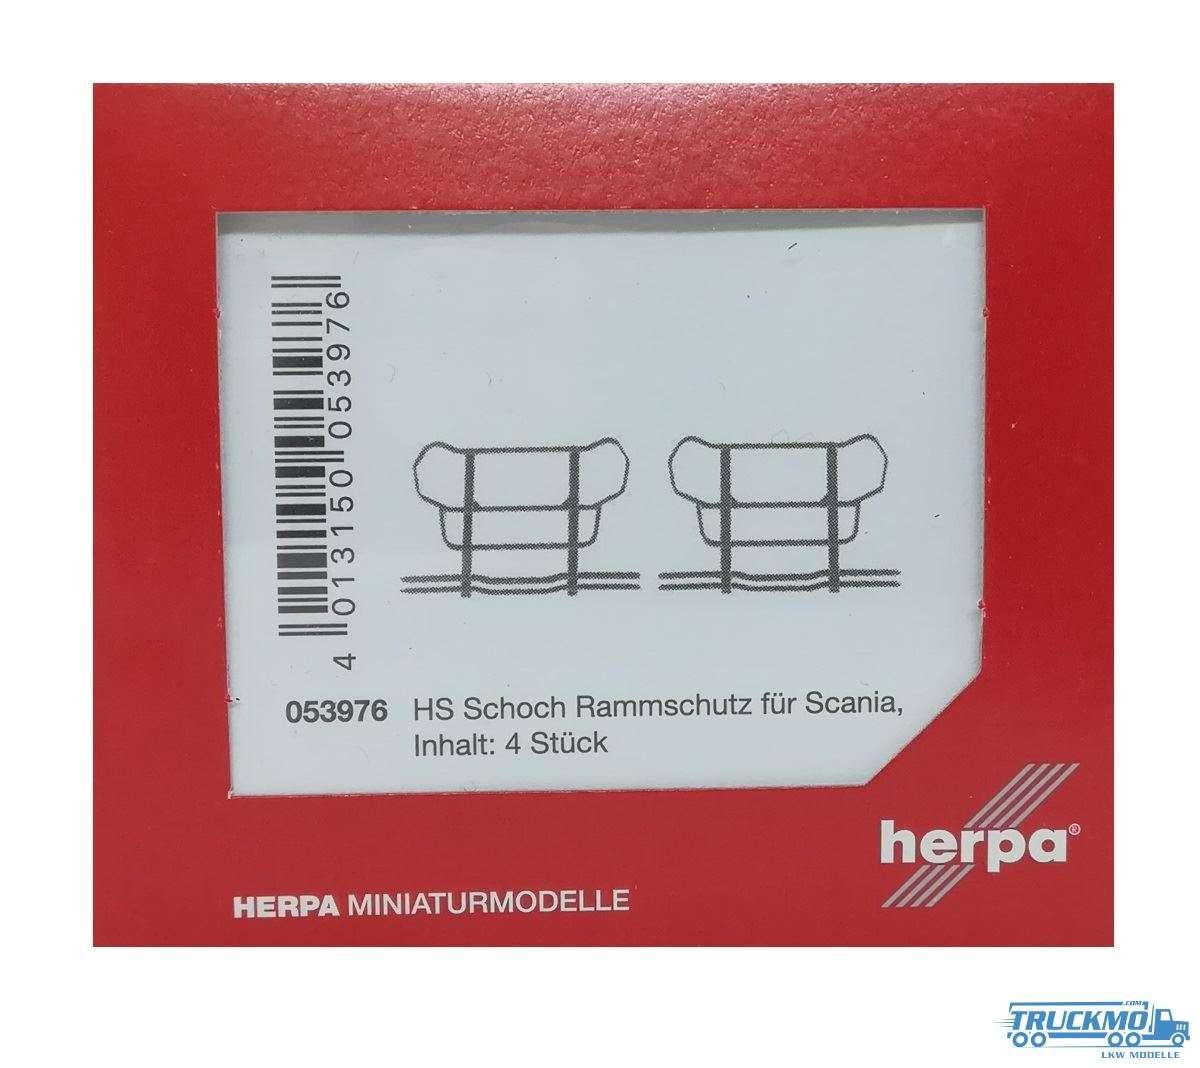 Herpa HS Schoch Rammschutz Scania 4 Stück 053976